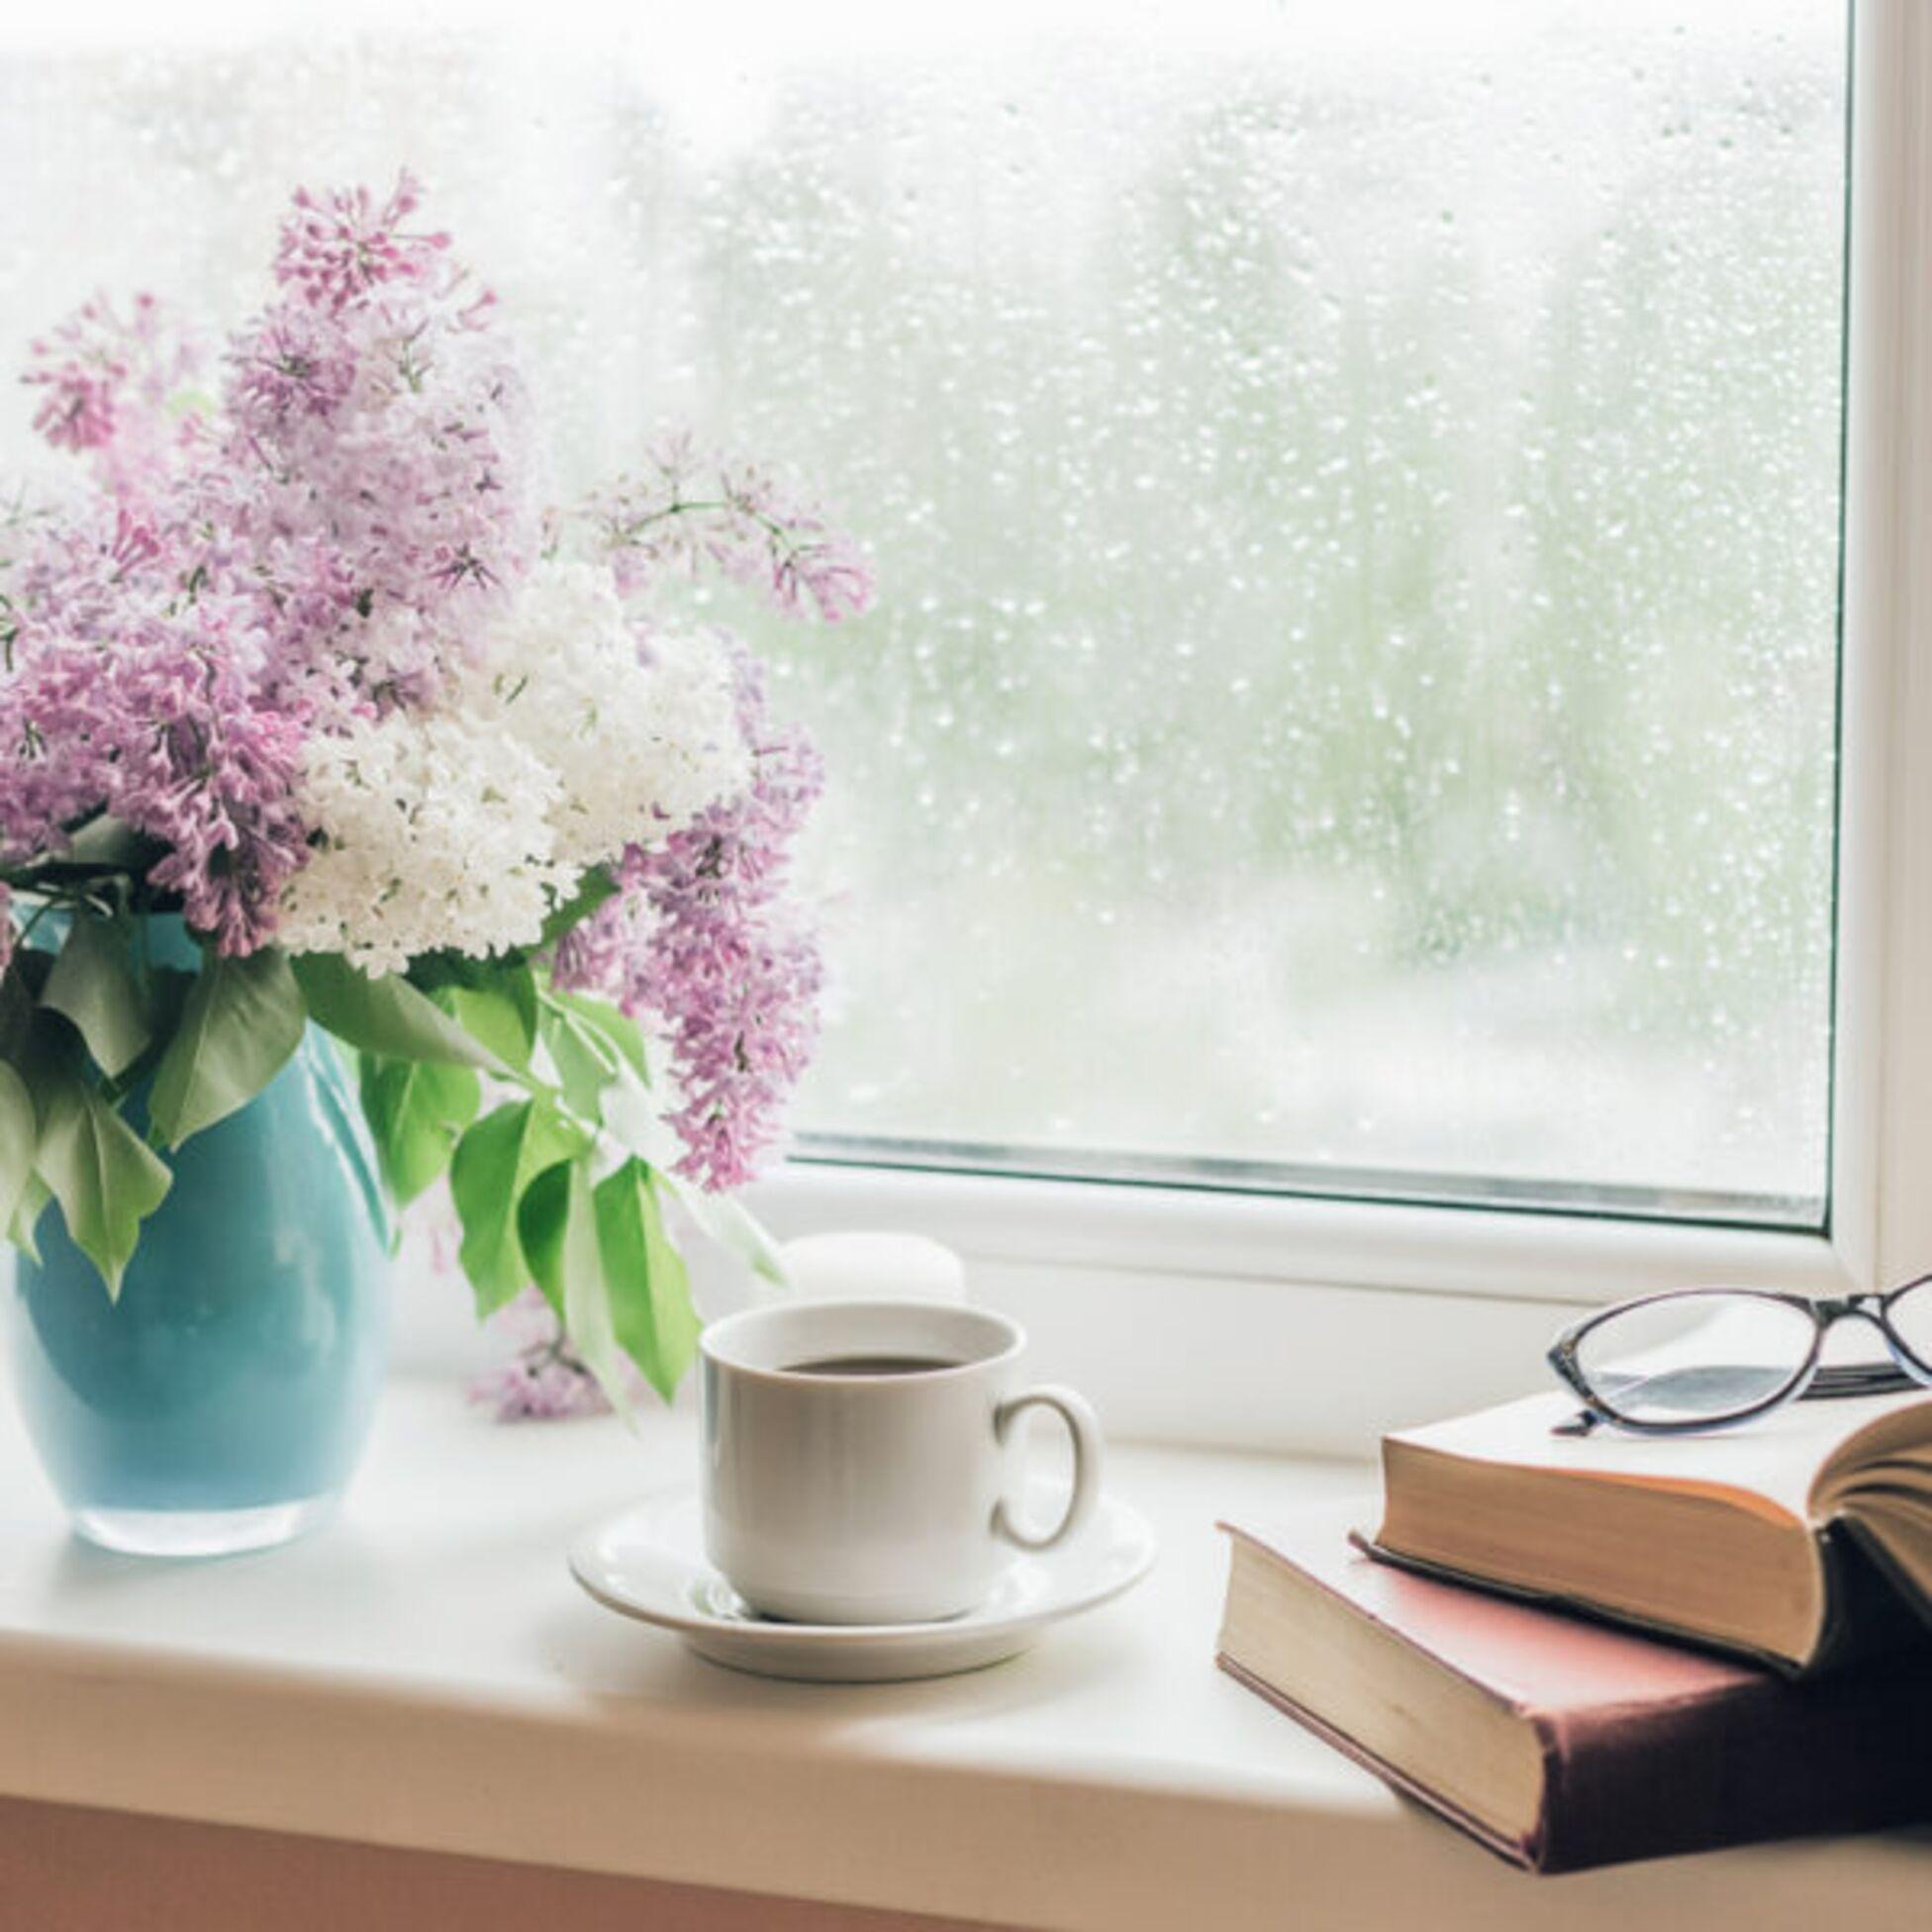 Flieder und Bücher auf Fensterbank